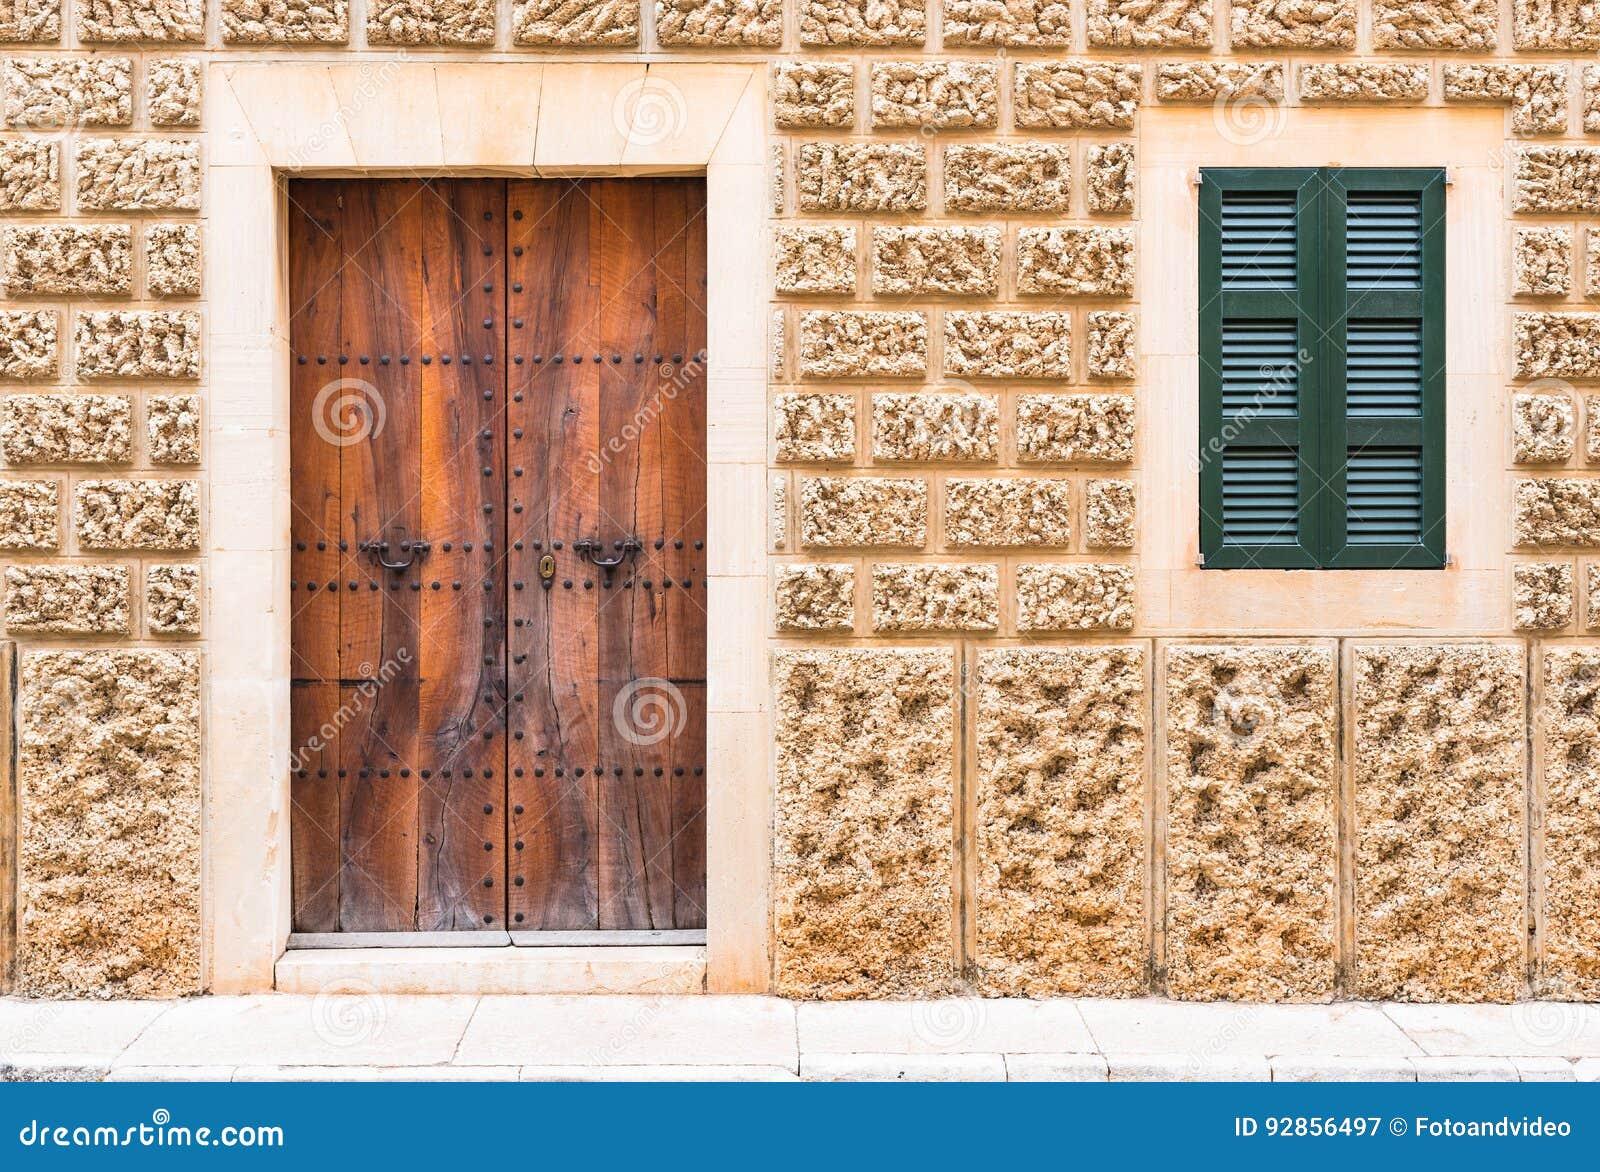 Door and Window of an Mediterranean House